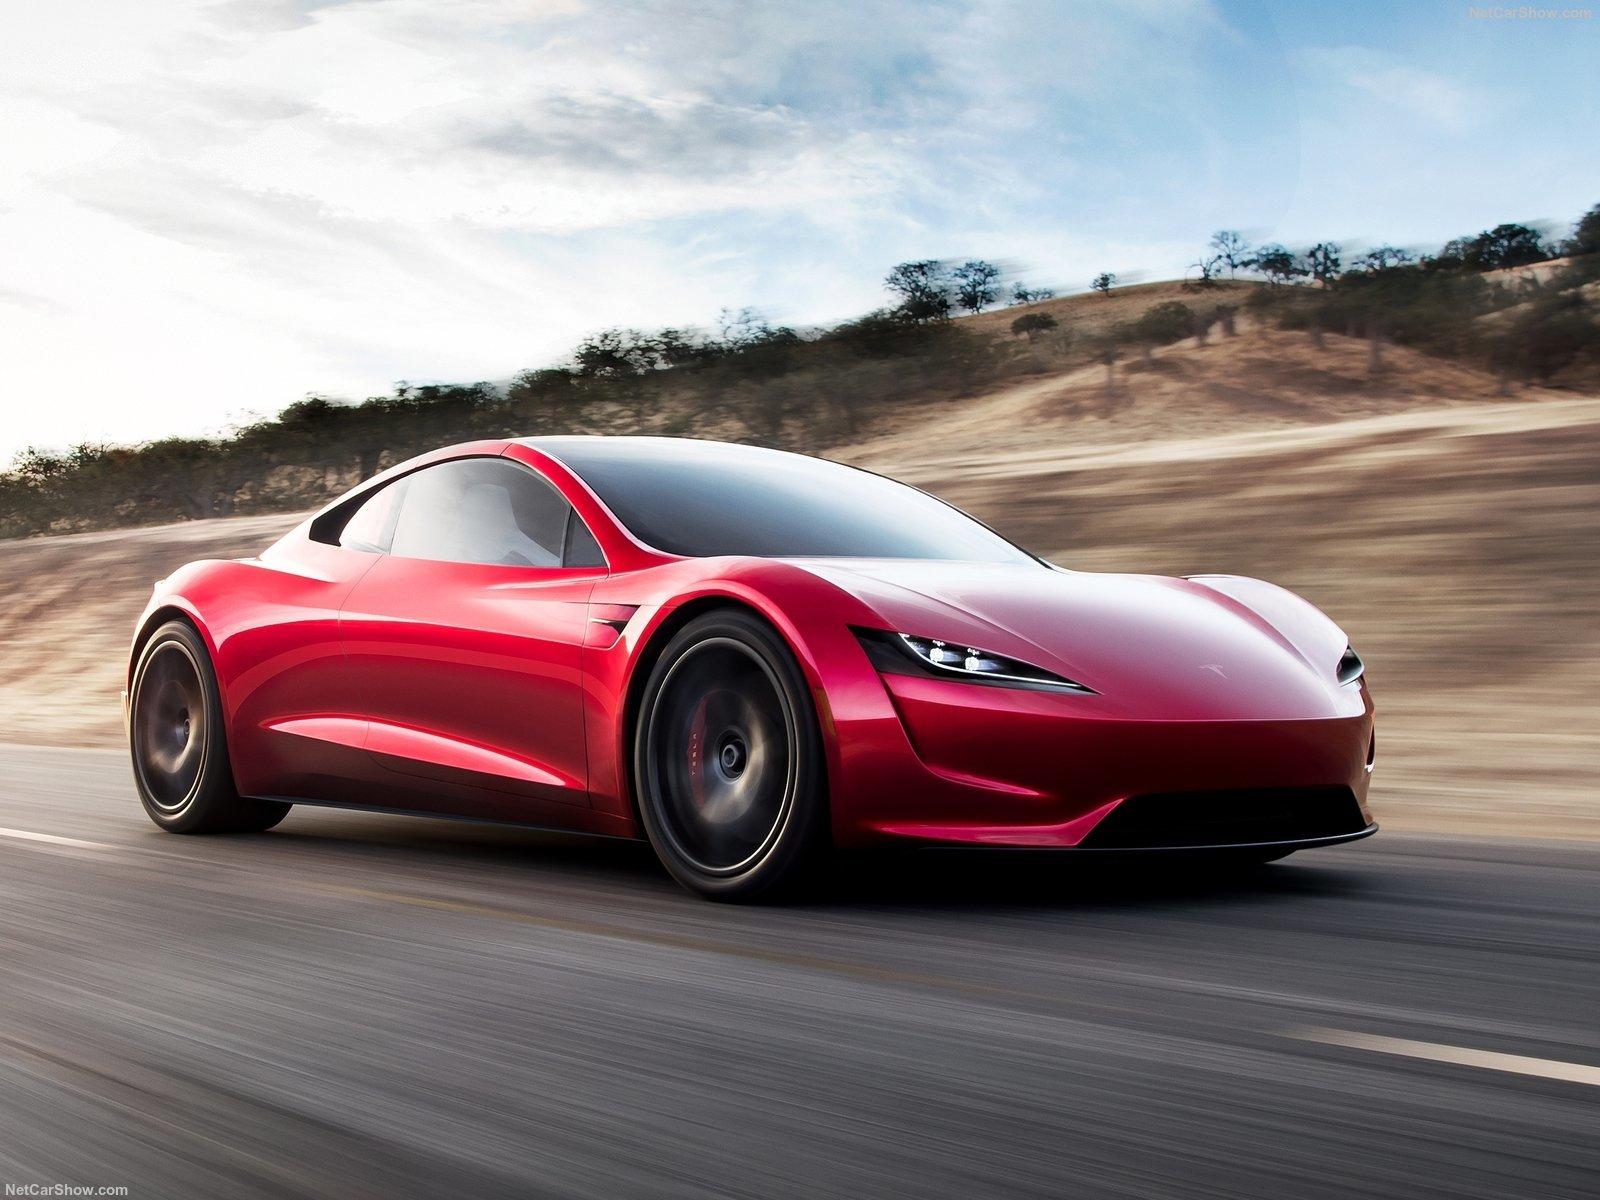 El Tesla Roadster se vendera en 2022 por unos 200.000 euros